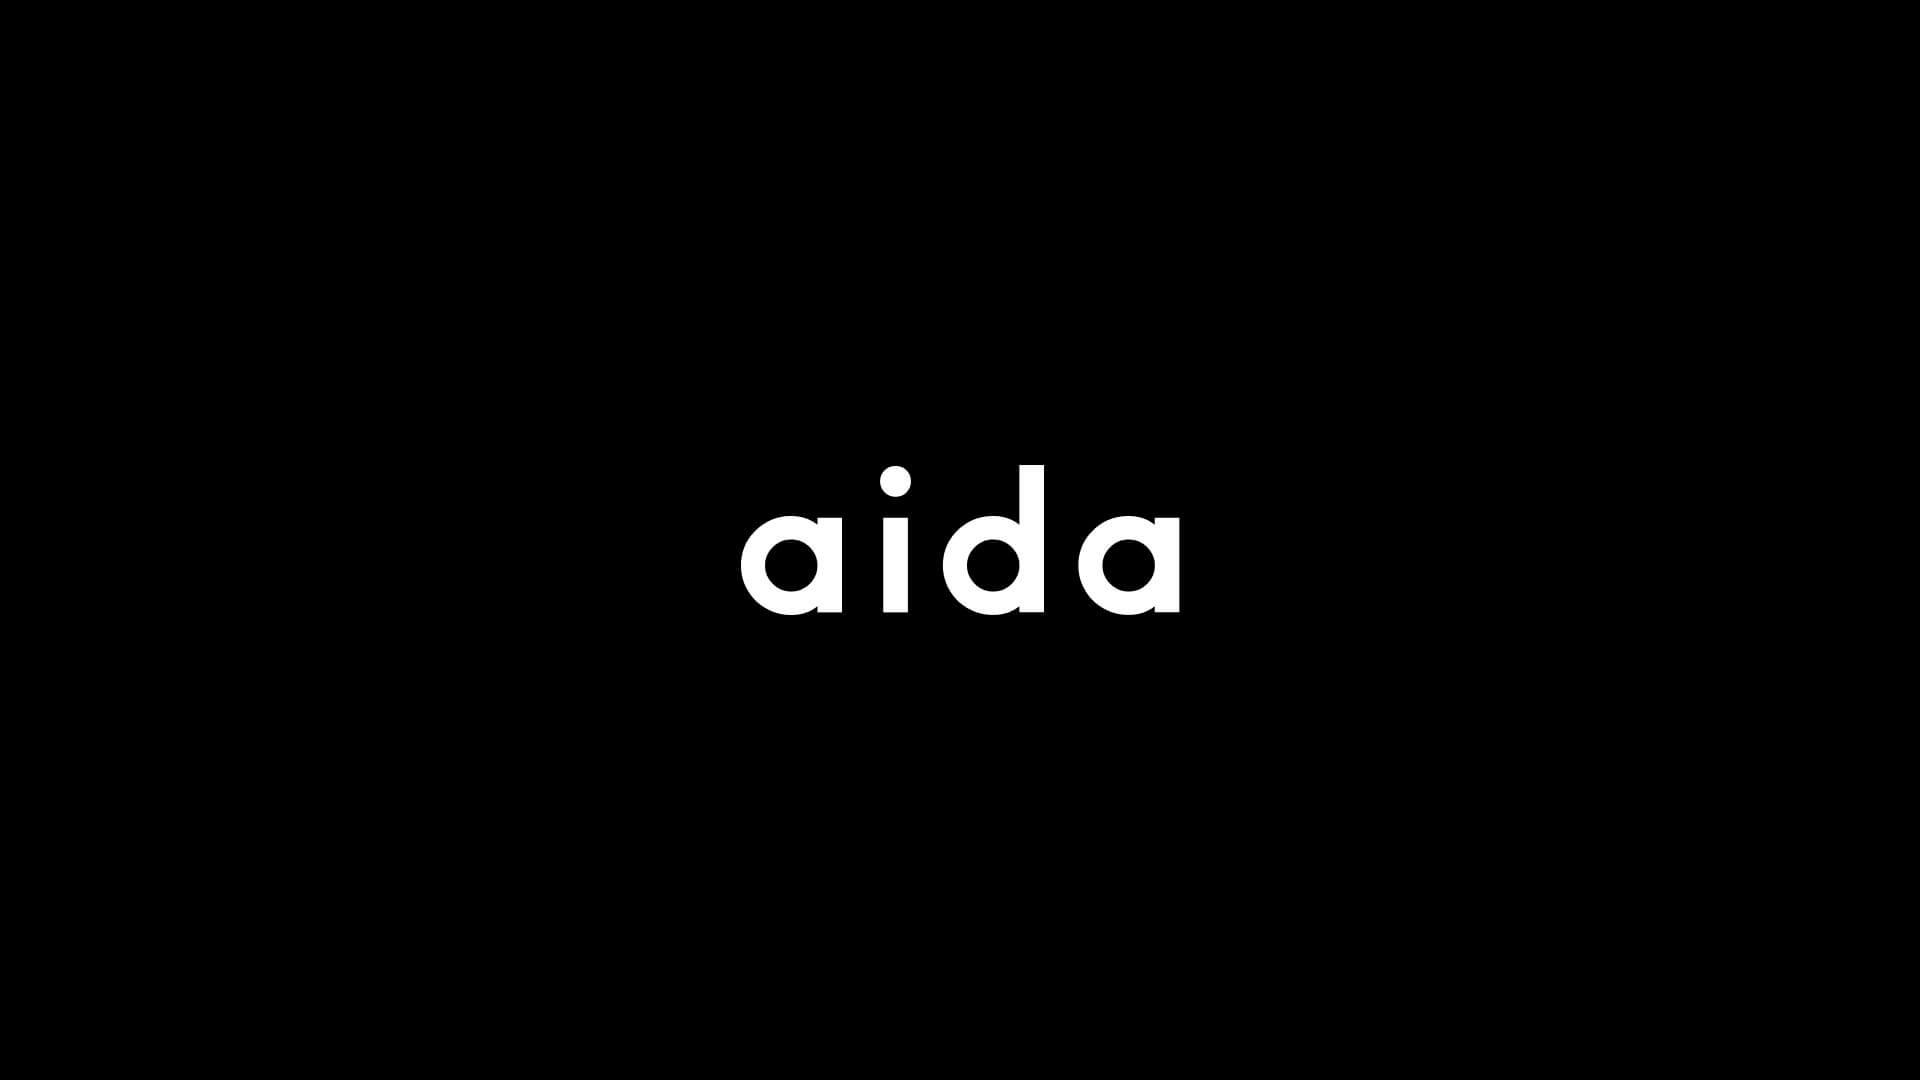 Aida wordmark